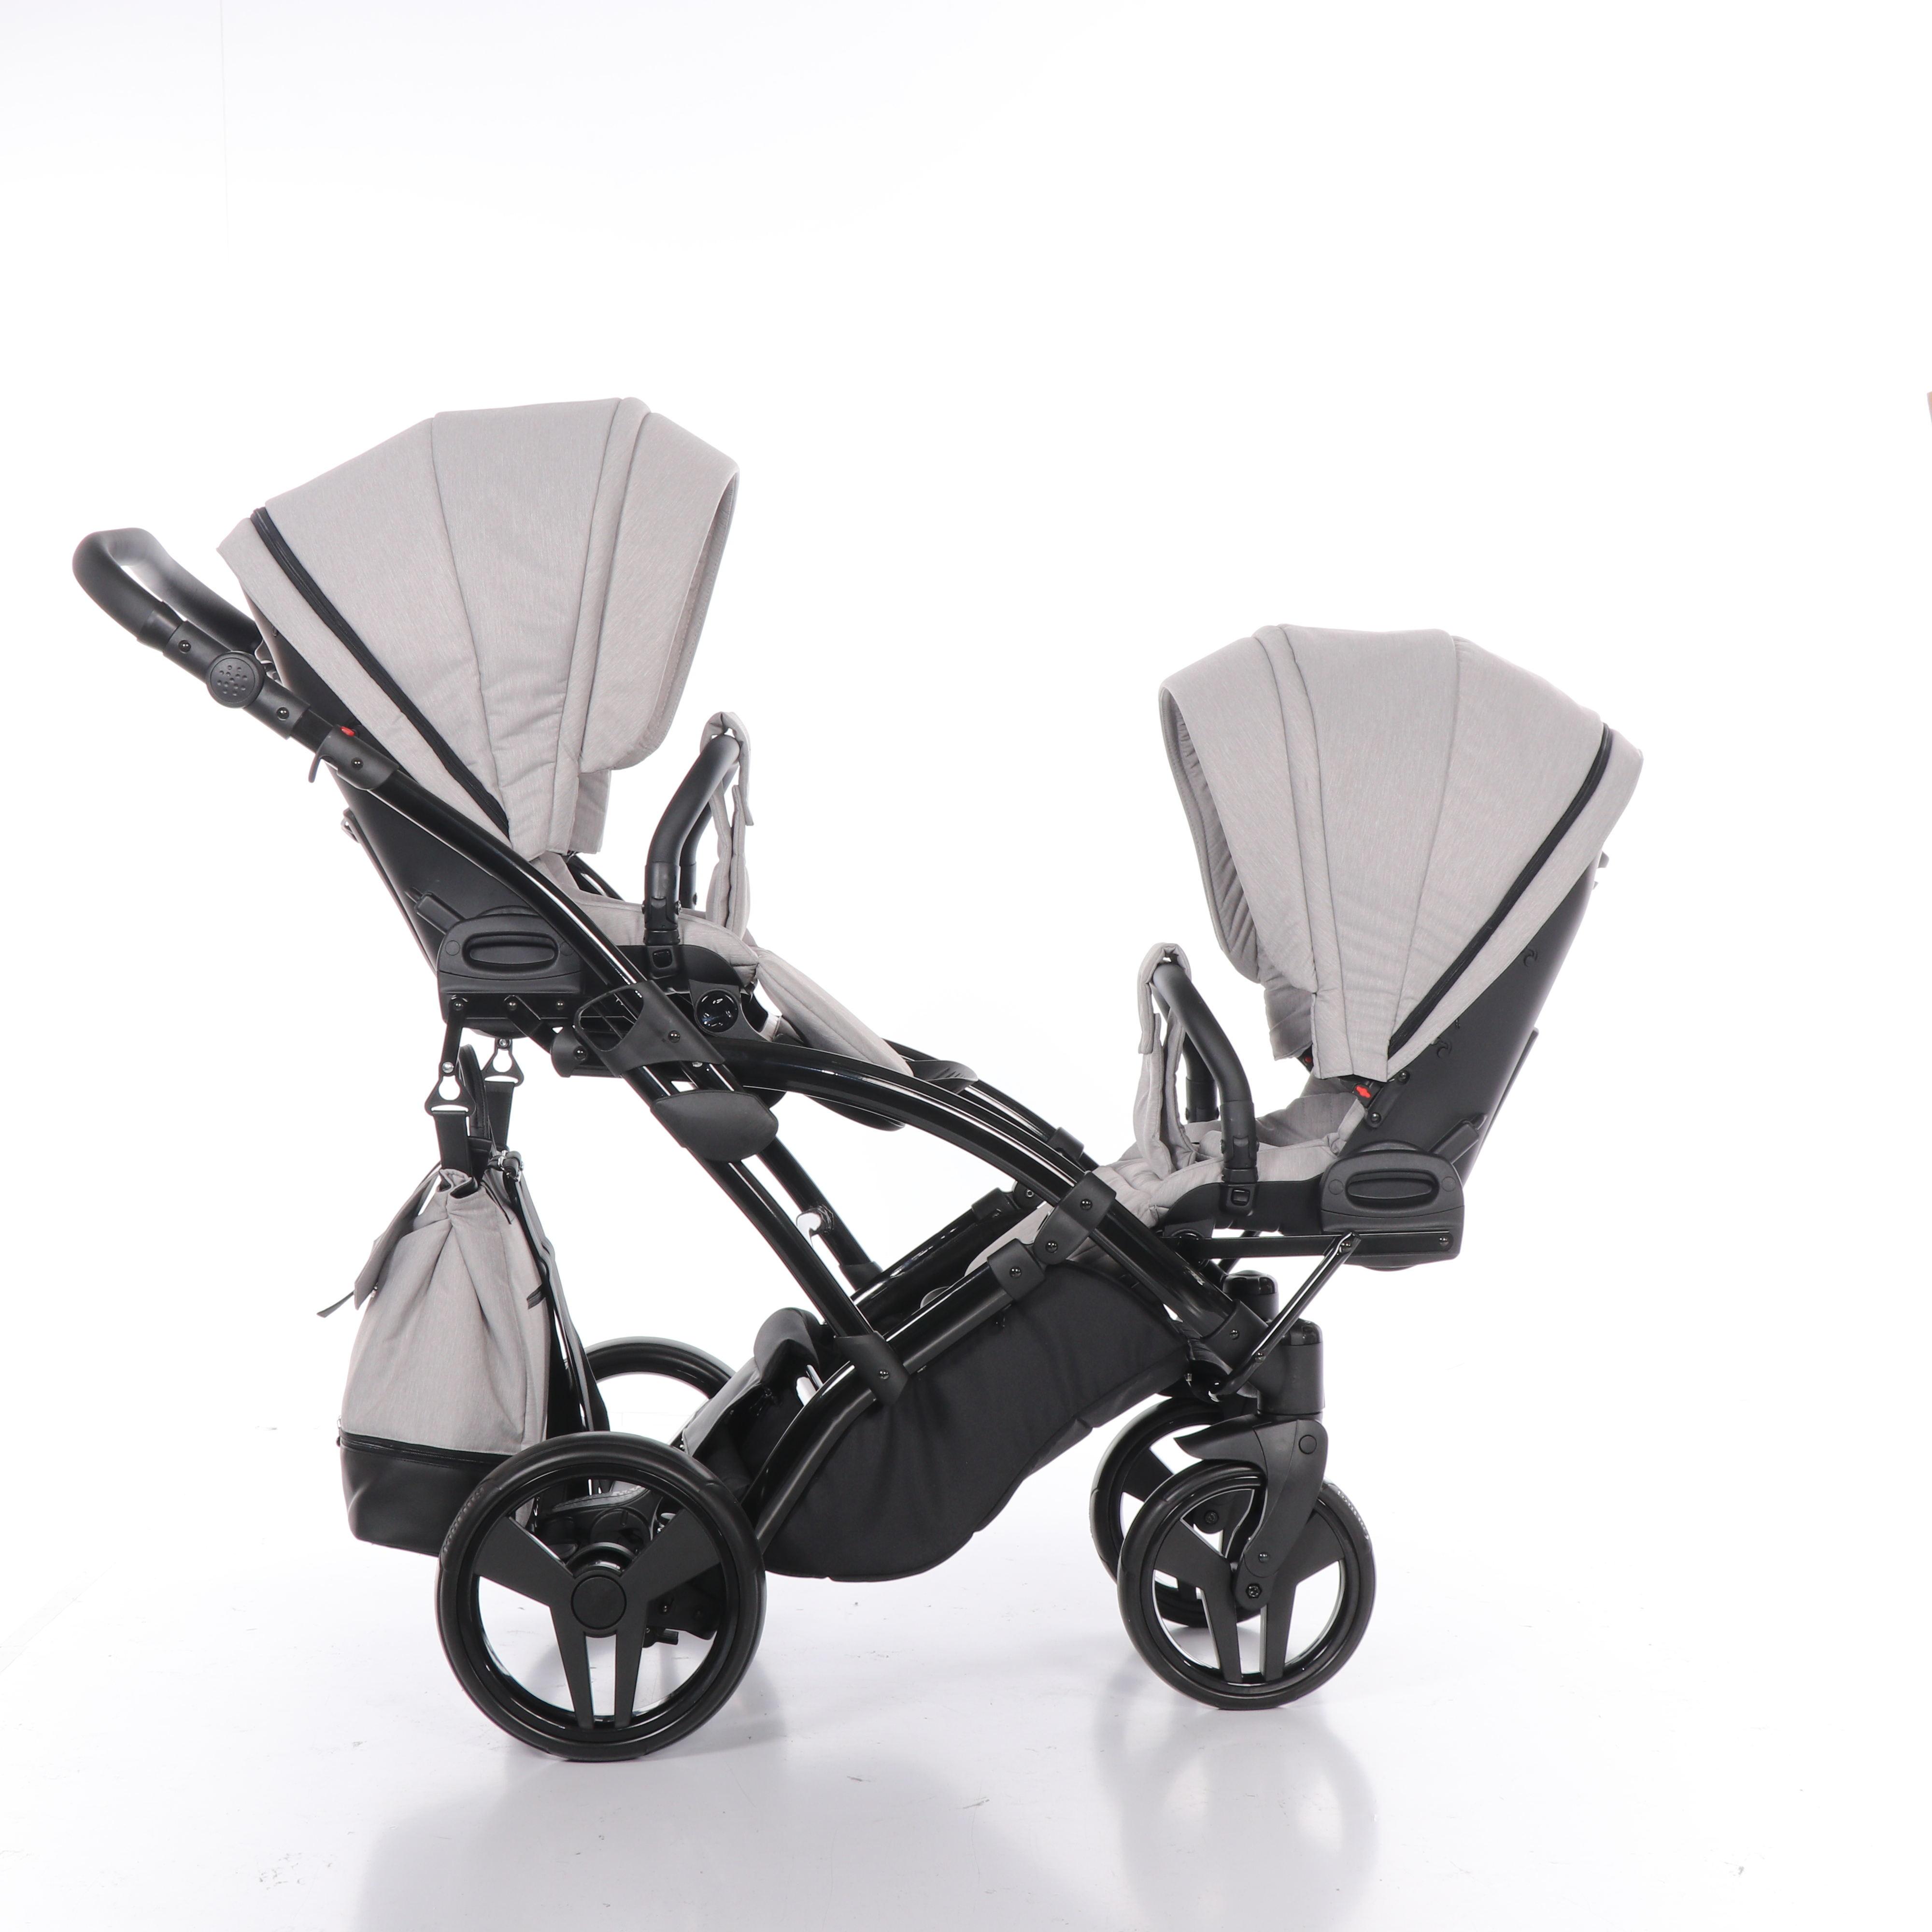 wózek bliźniaczy Artemo Duo Slim wielofunkcyjny dziecięcy Tako spacerowy 2w1